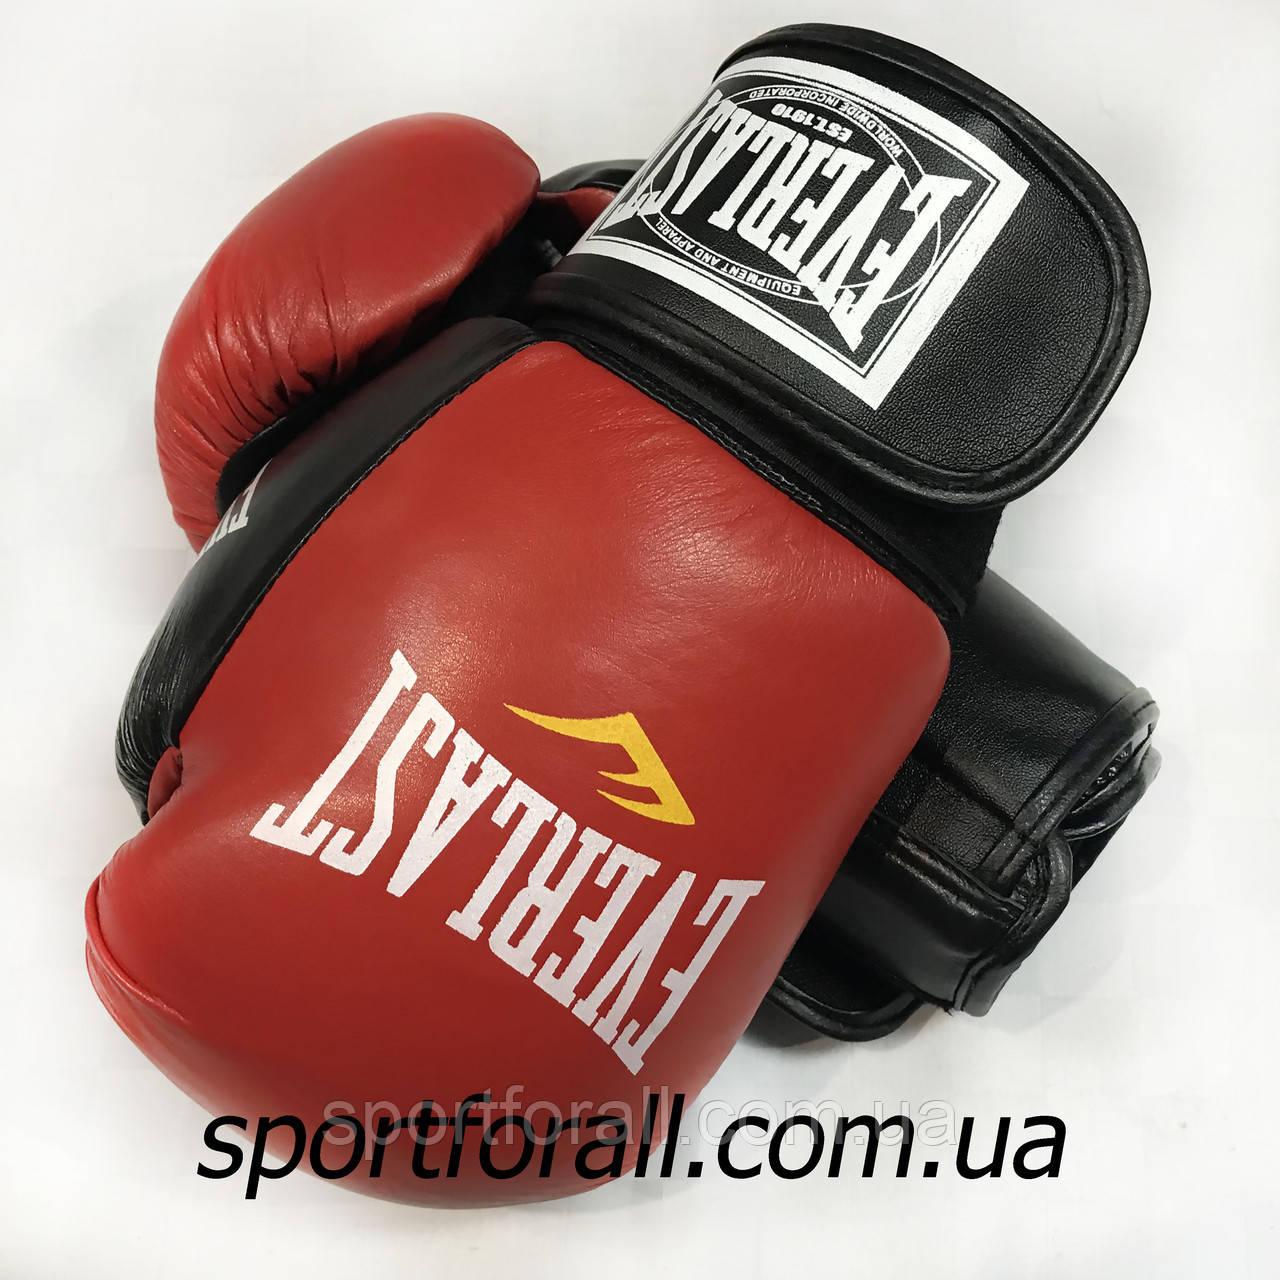 Боксерские перчатки EVERLAST (КОЖА) 10ун.